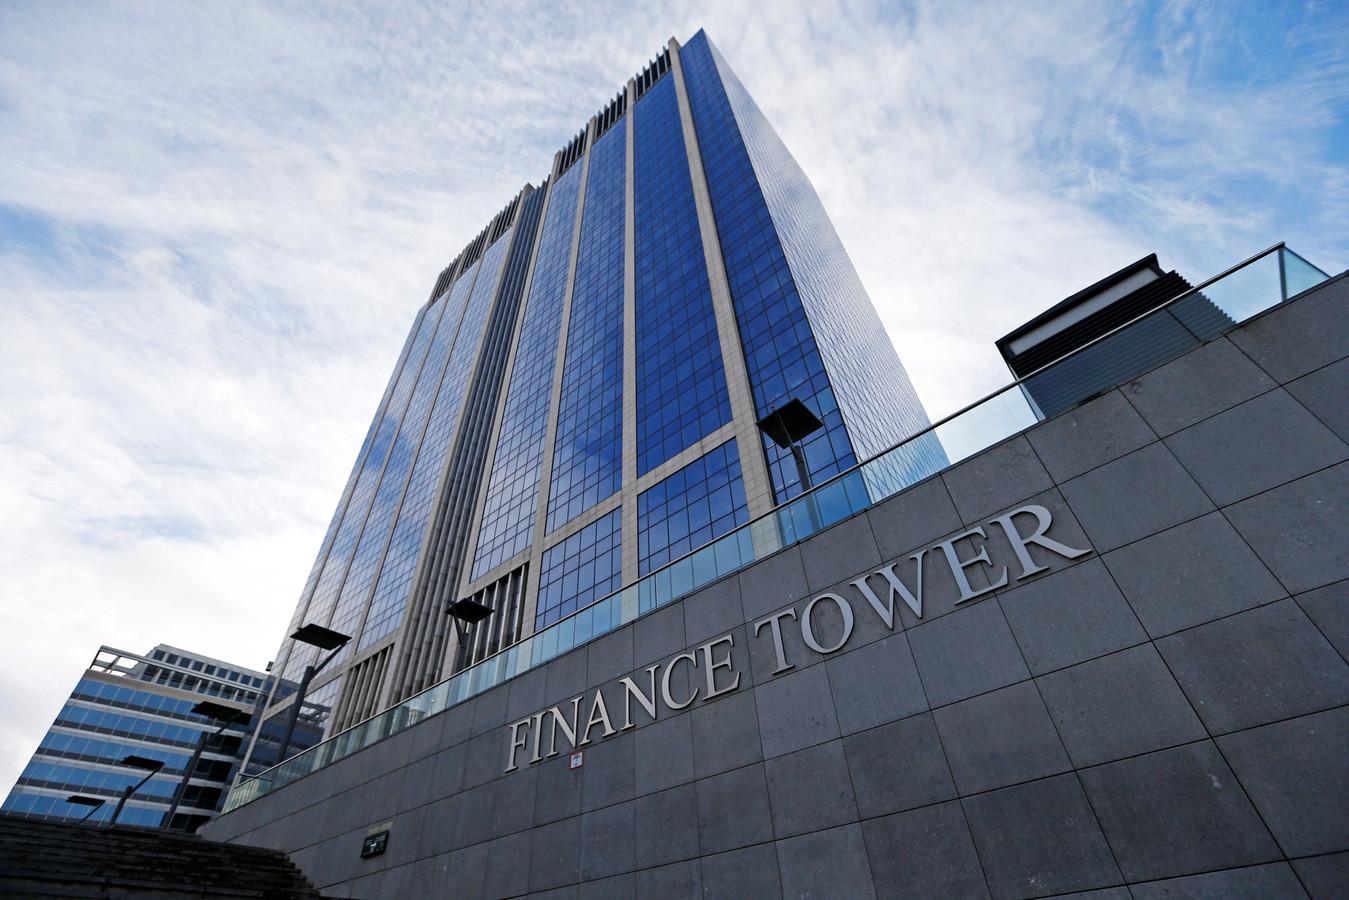 De Finance Tower in Brussel.